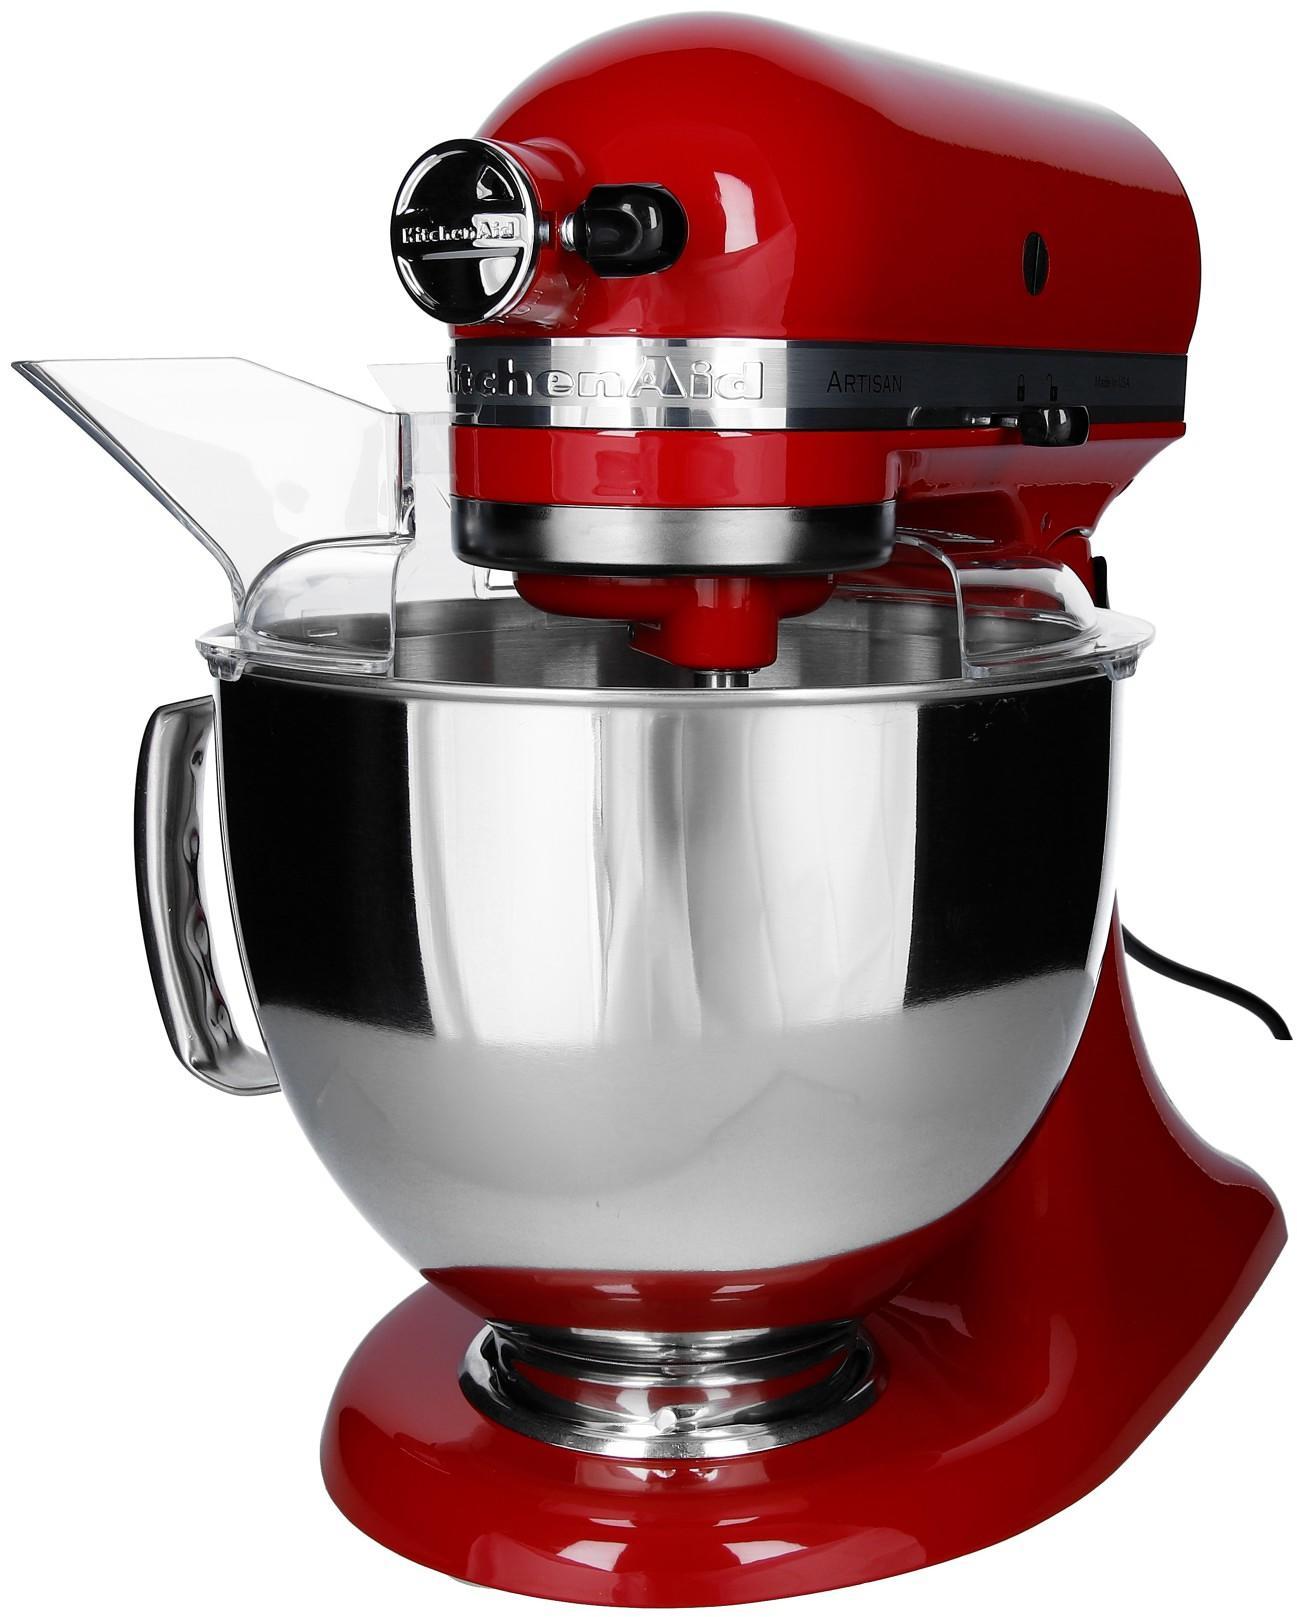 Kitchenaid 5KSM175PSEER Artisan, Küchenmaschine, 300 W ...